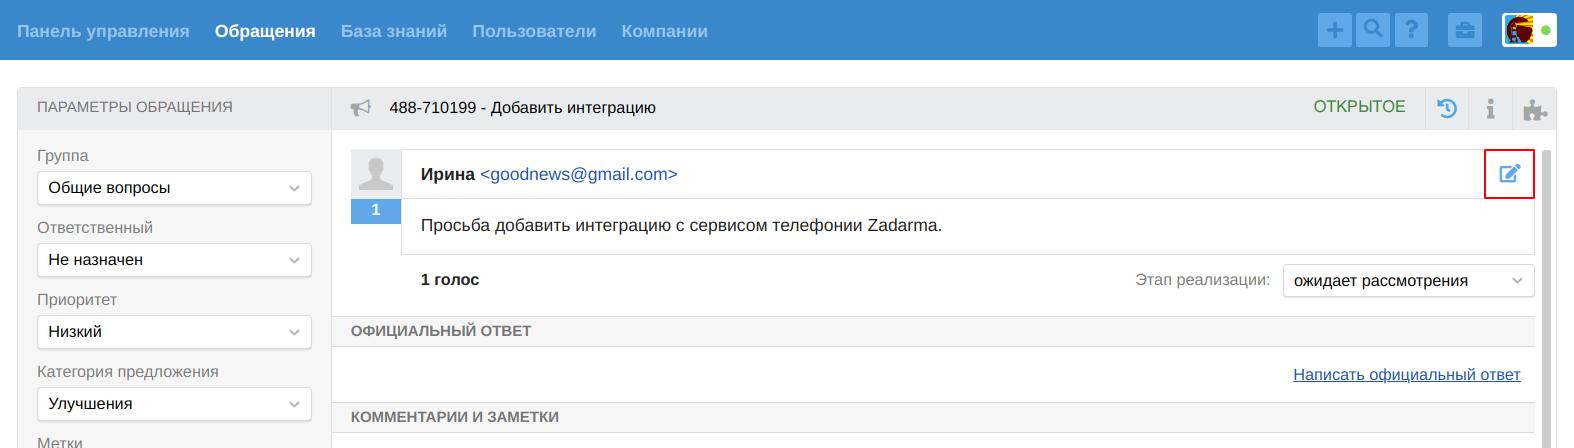 https://138018.selcdn.ru/KB_images/omnideskru/1/203473/502bd2125cc72c1fc922d520ca1a1839.png